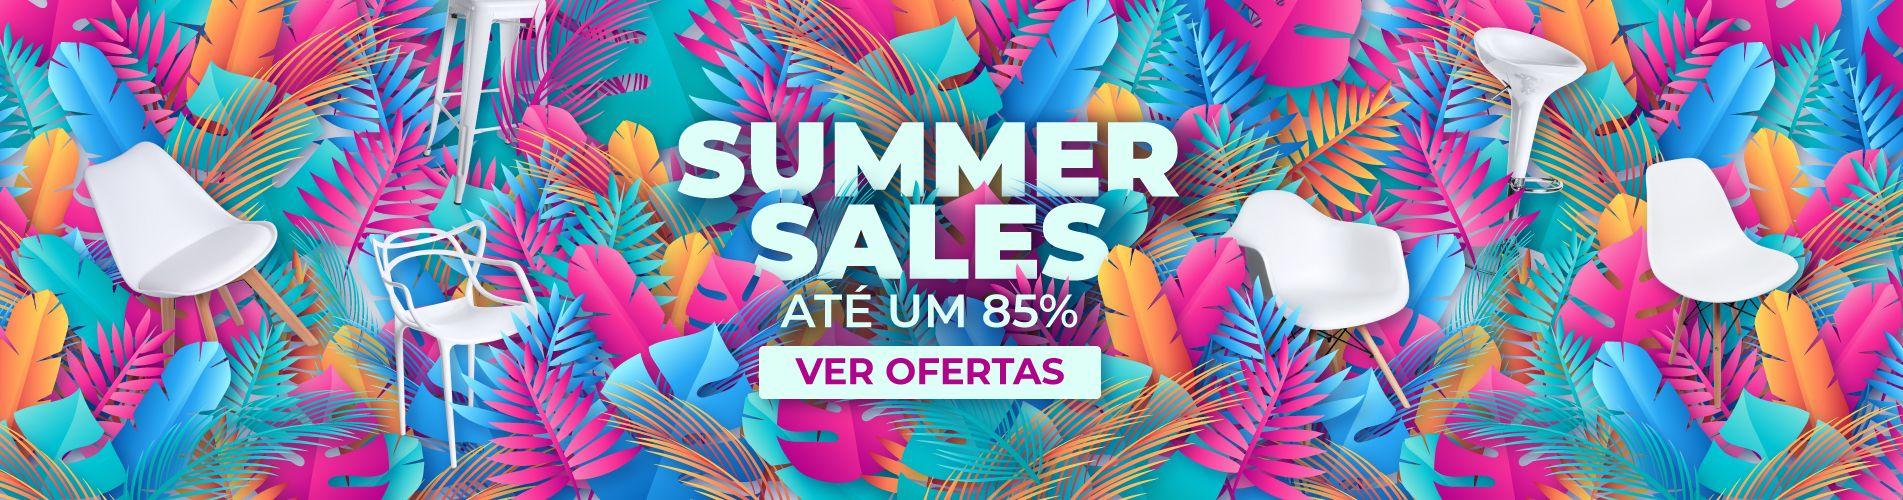 As Summer Sales estão aqui: ofertas de verão refrescantes. Não o perca!